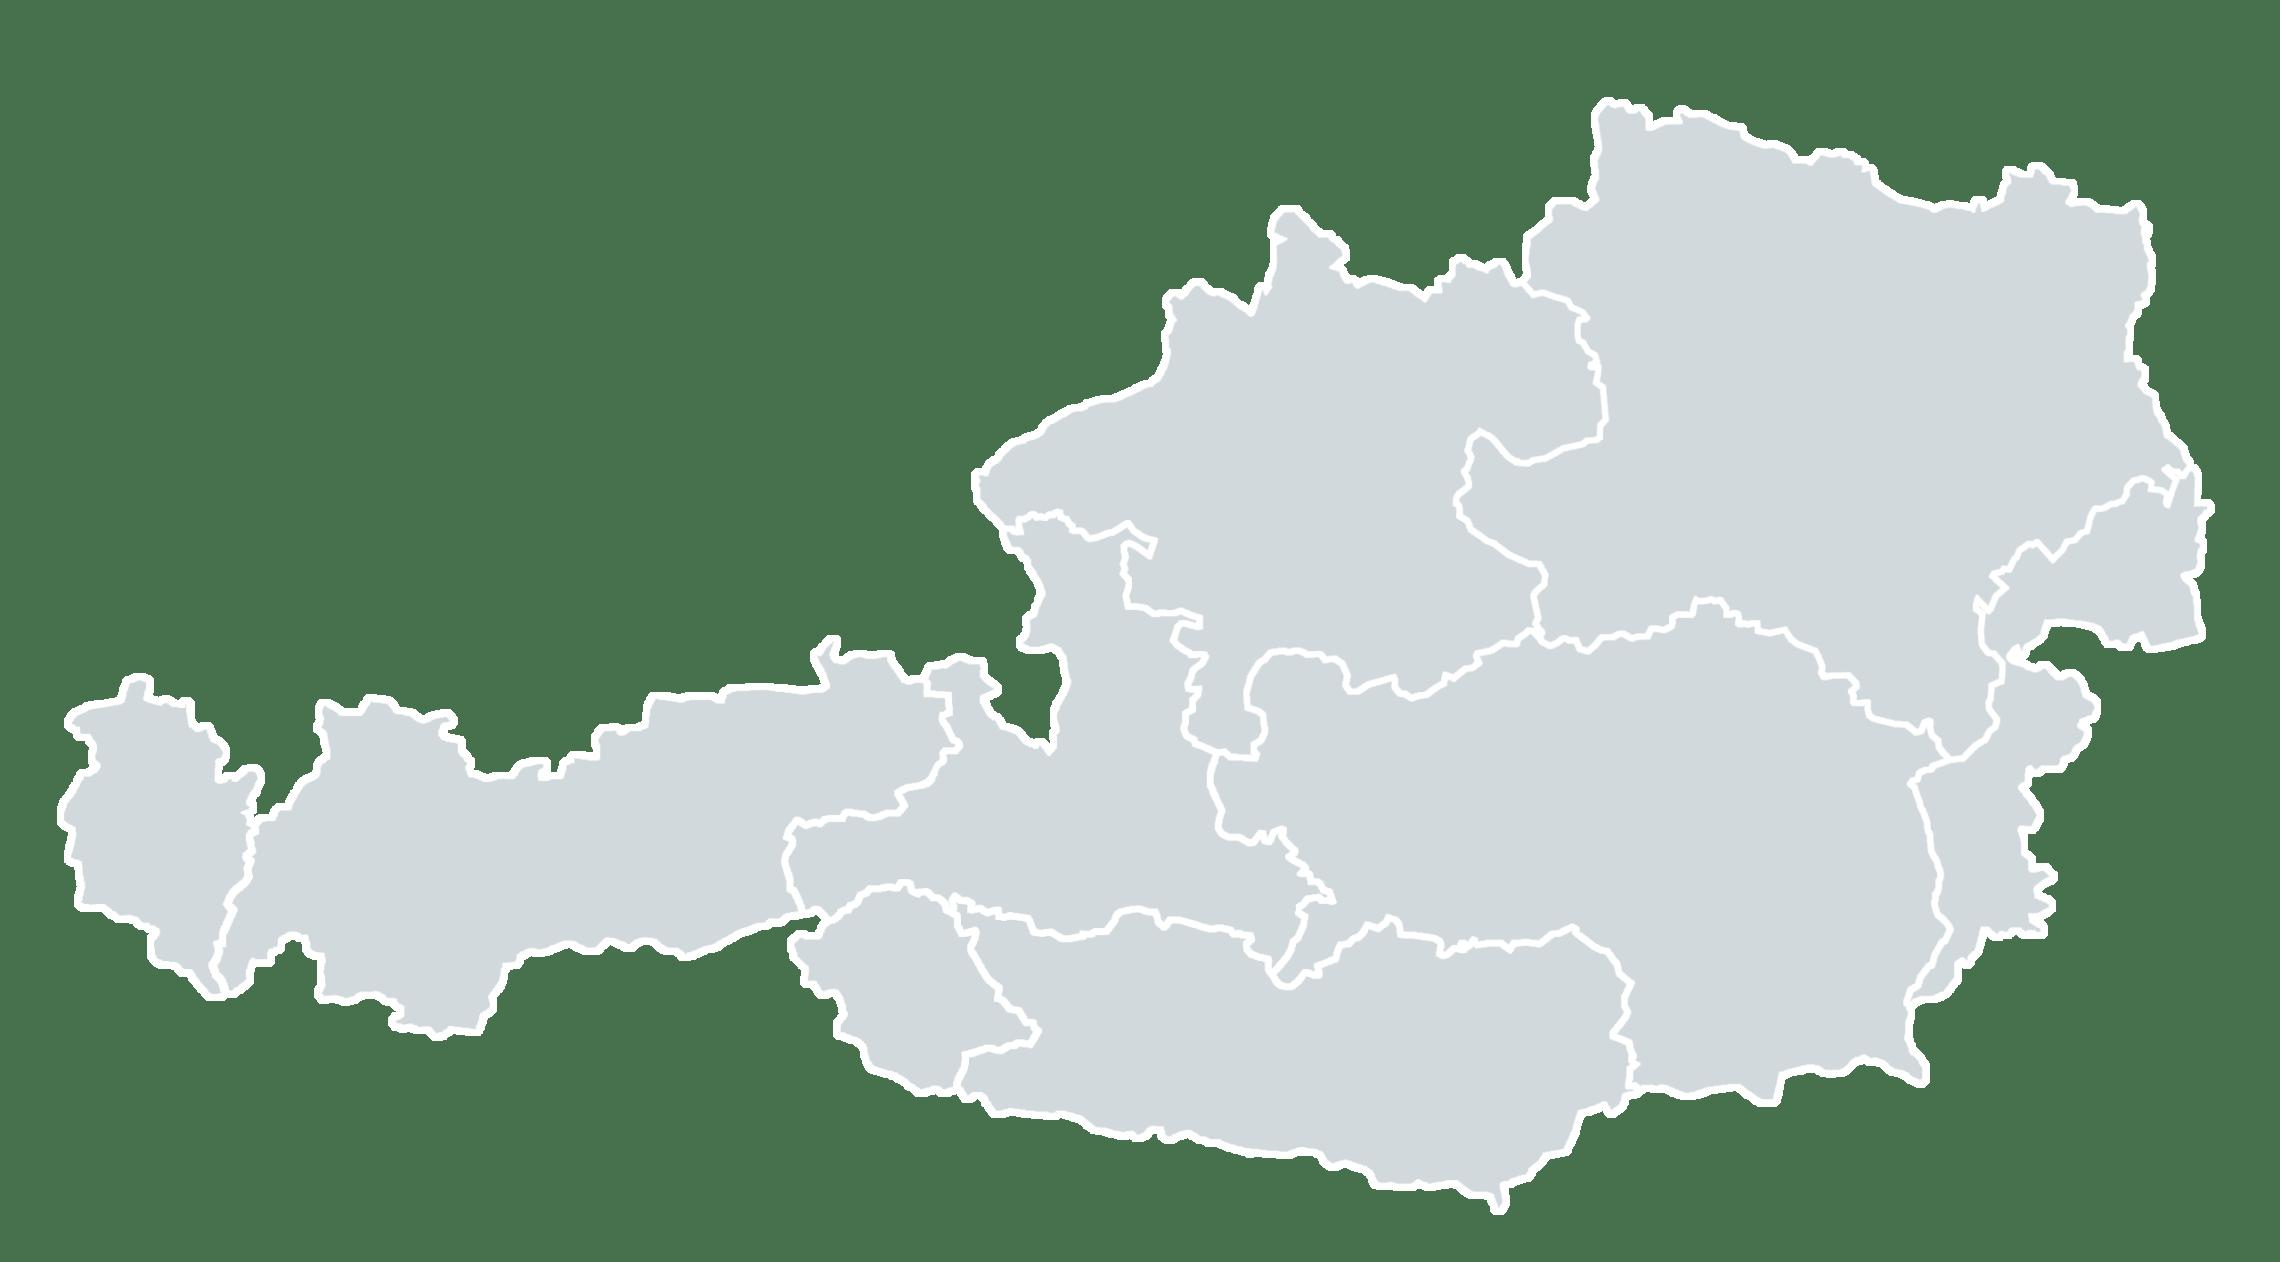 oostenrijk_kaart.png